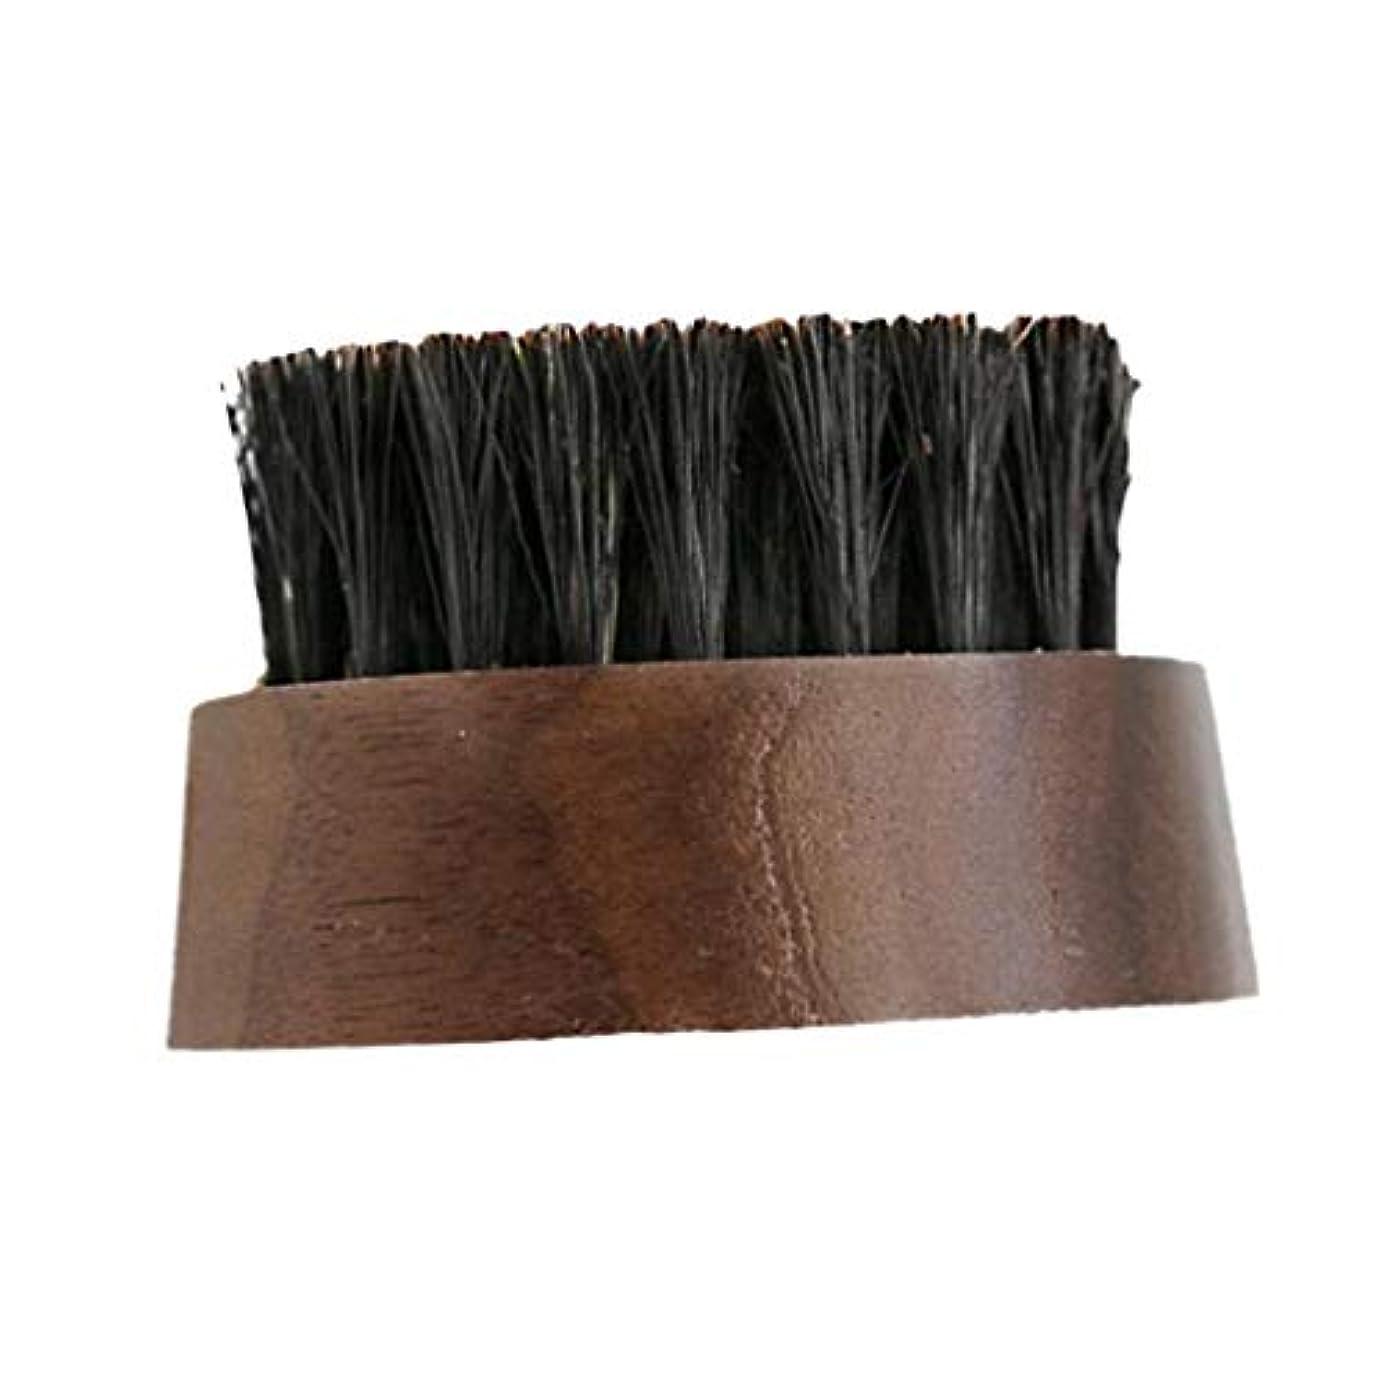 気候の山本当のことを言うと首謀者dailymall 柔らかい毛ブラシシェービング木製ハンドル理髪ツール顔クリーナーブラシを剃る男性 - 褐色, 説明したように